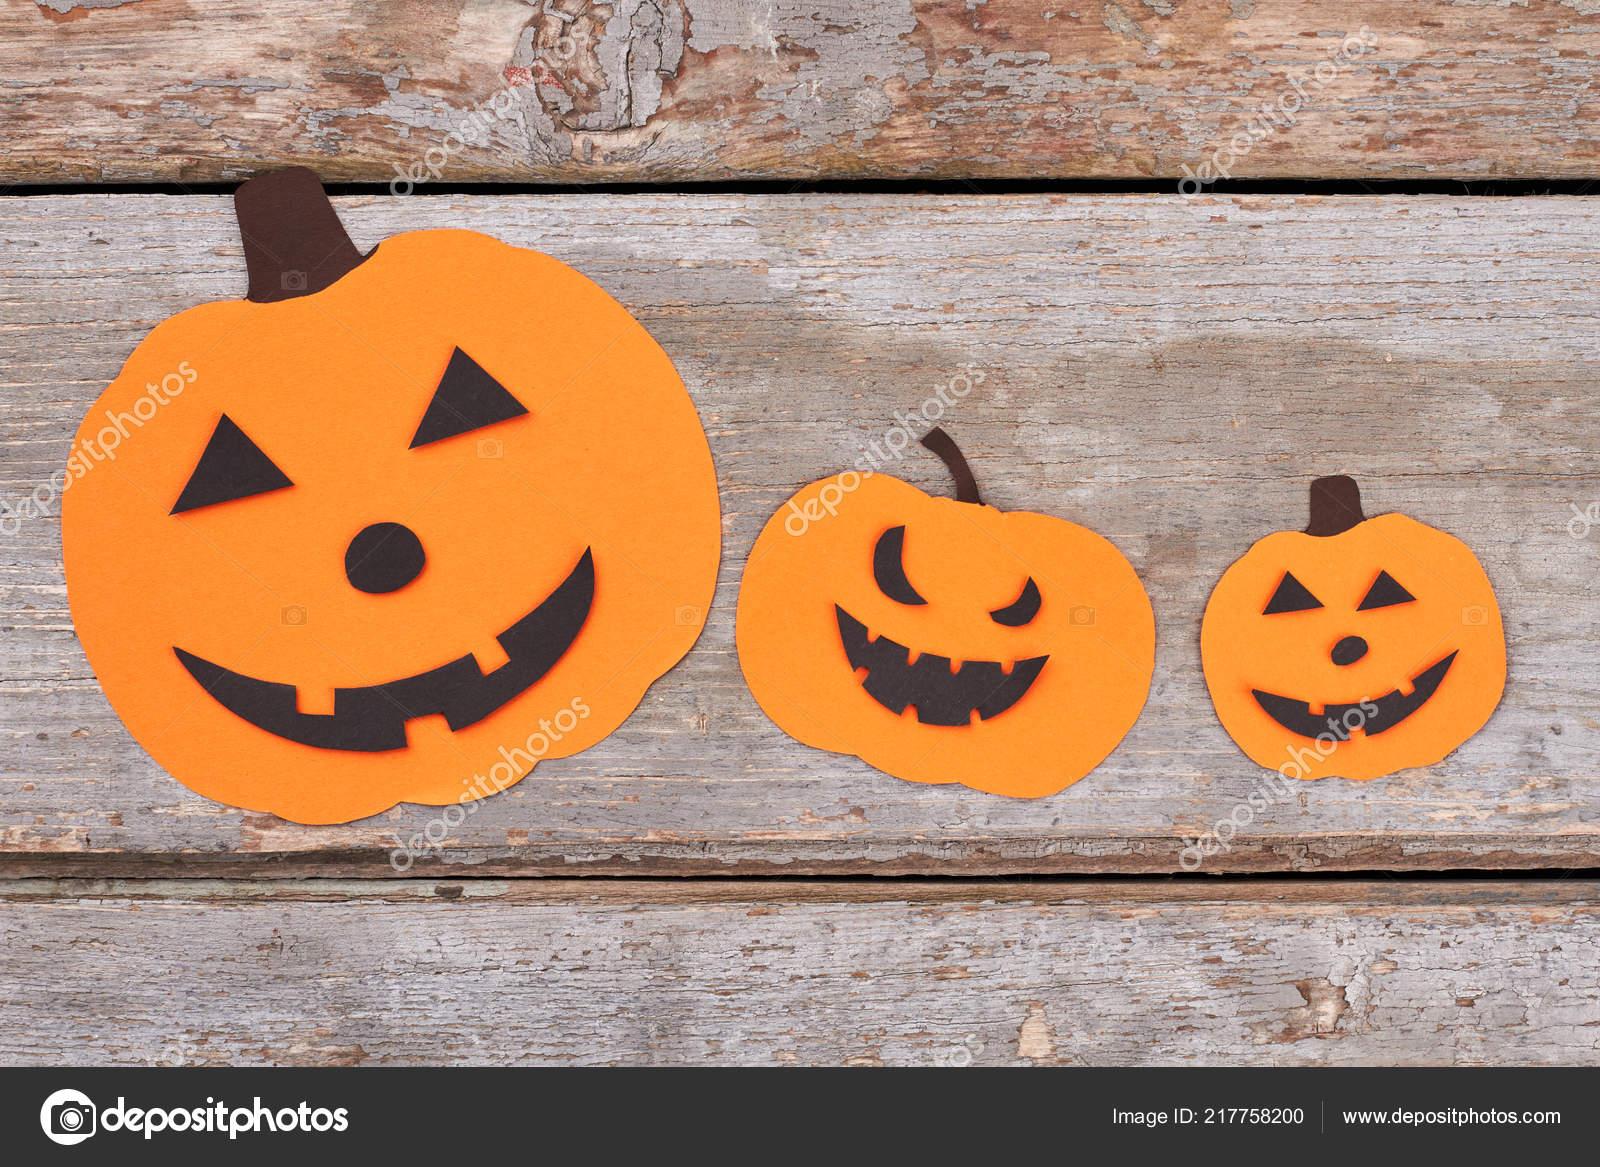 Siluetas De Papel Calabaza De Halloween Fotos De Stock C Denisfilm - Calabaza-de-papel